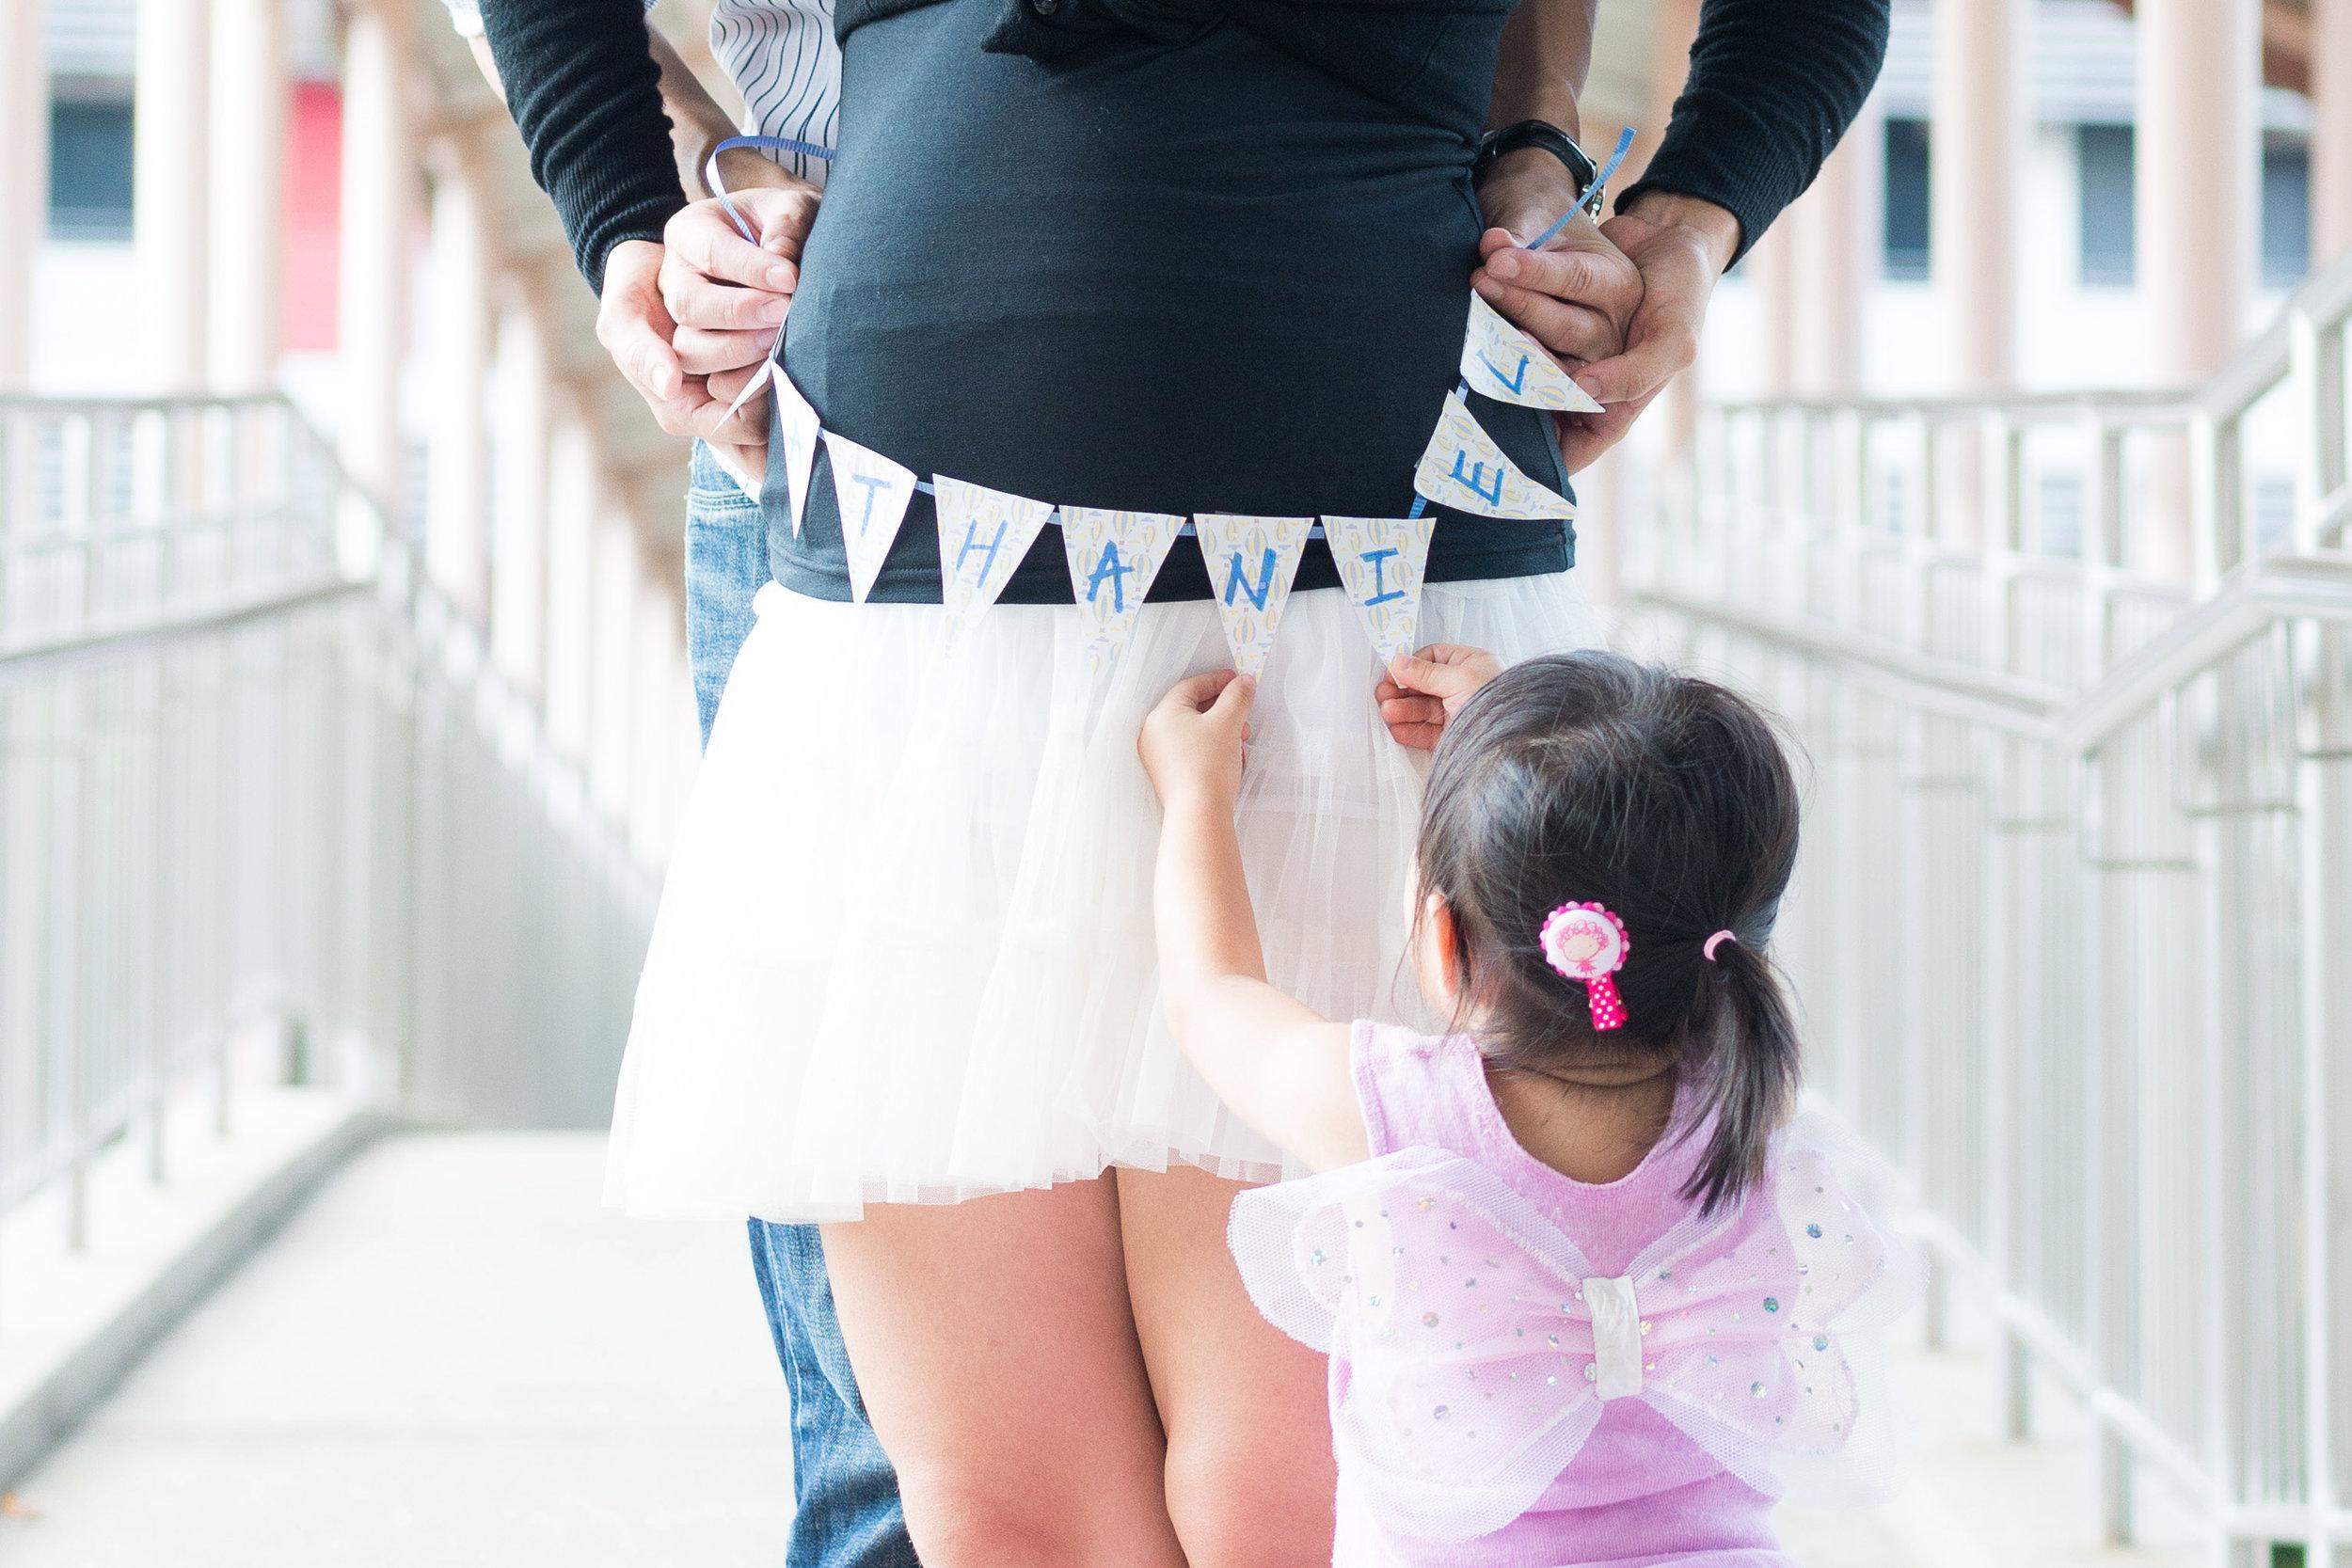 esther n jeremy | maternity